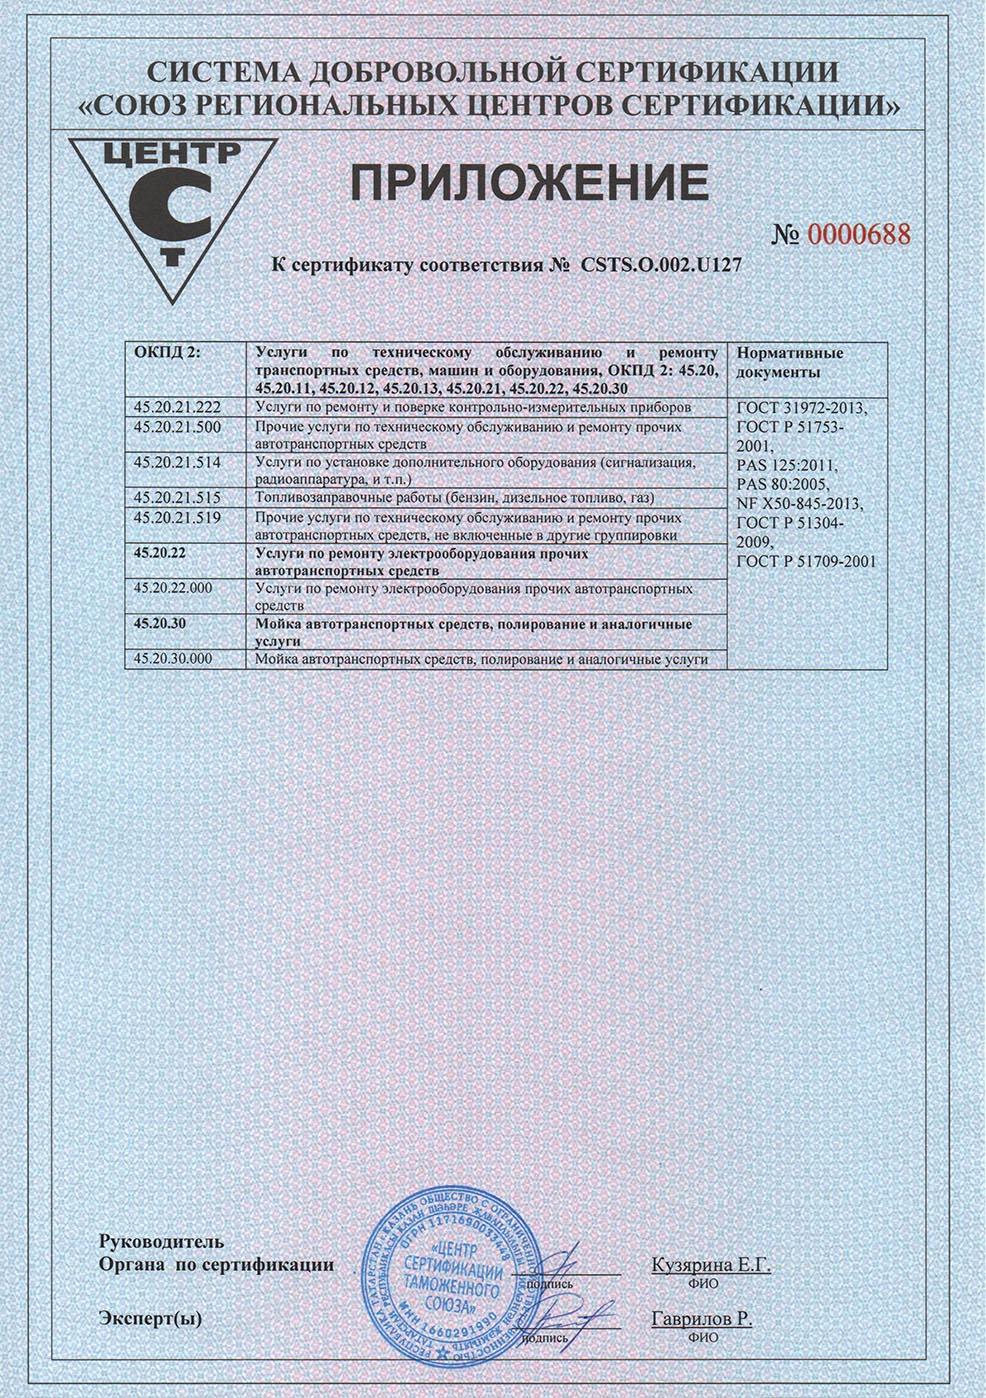 Сертификат Авторосс3